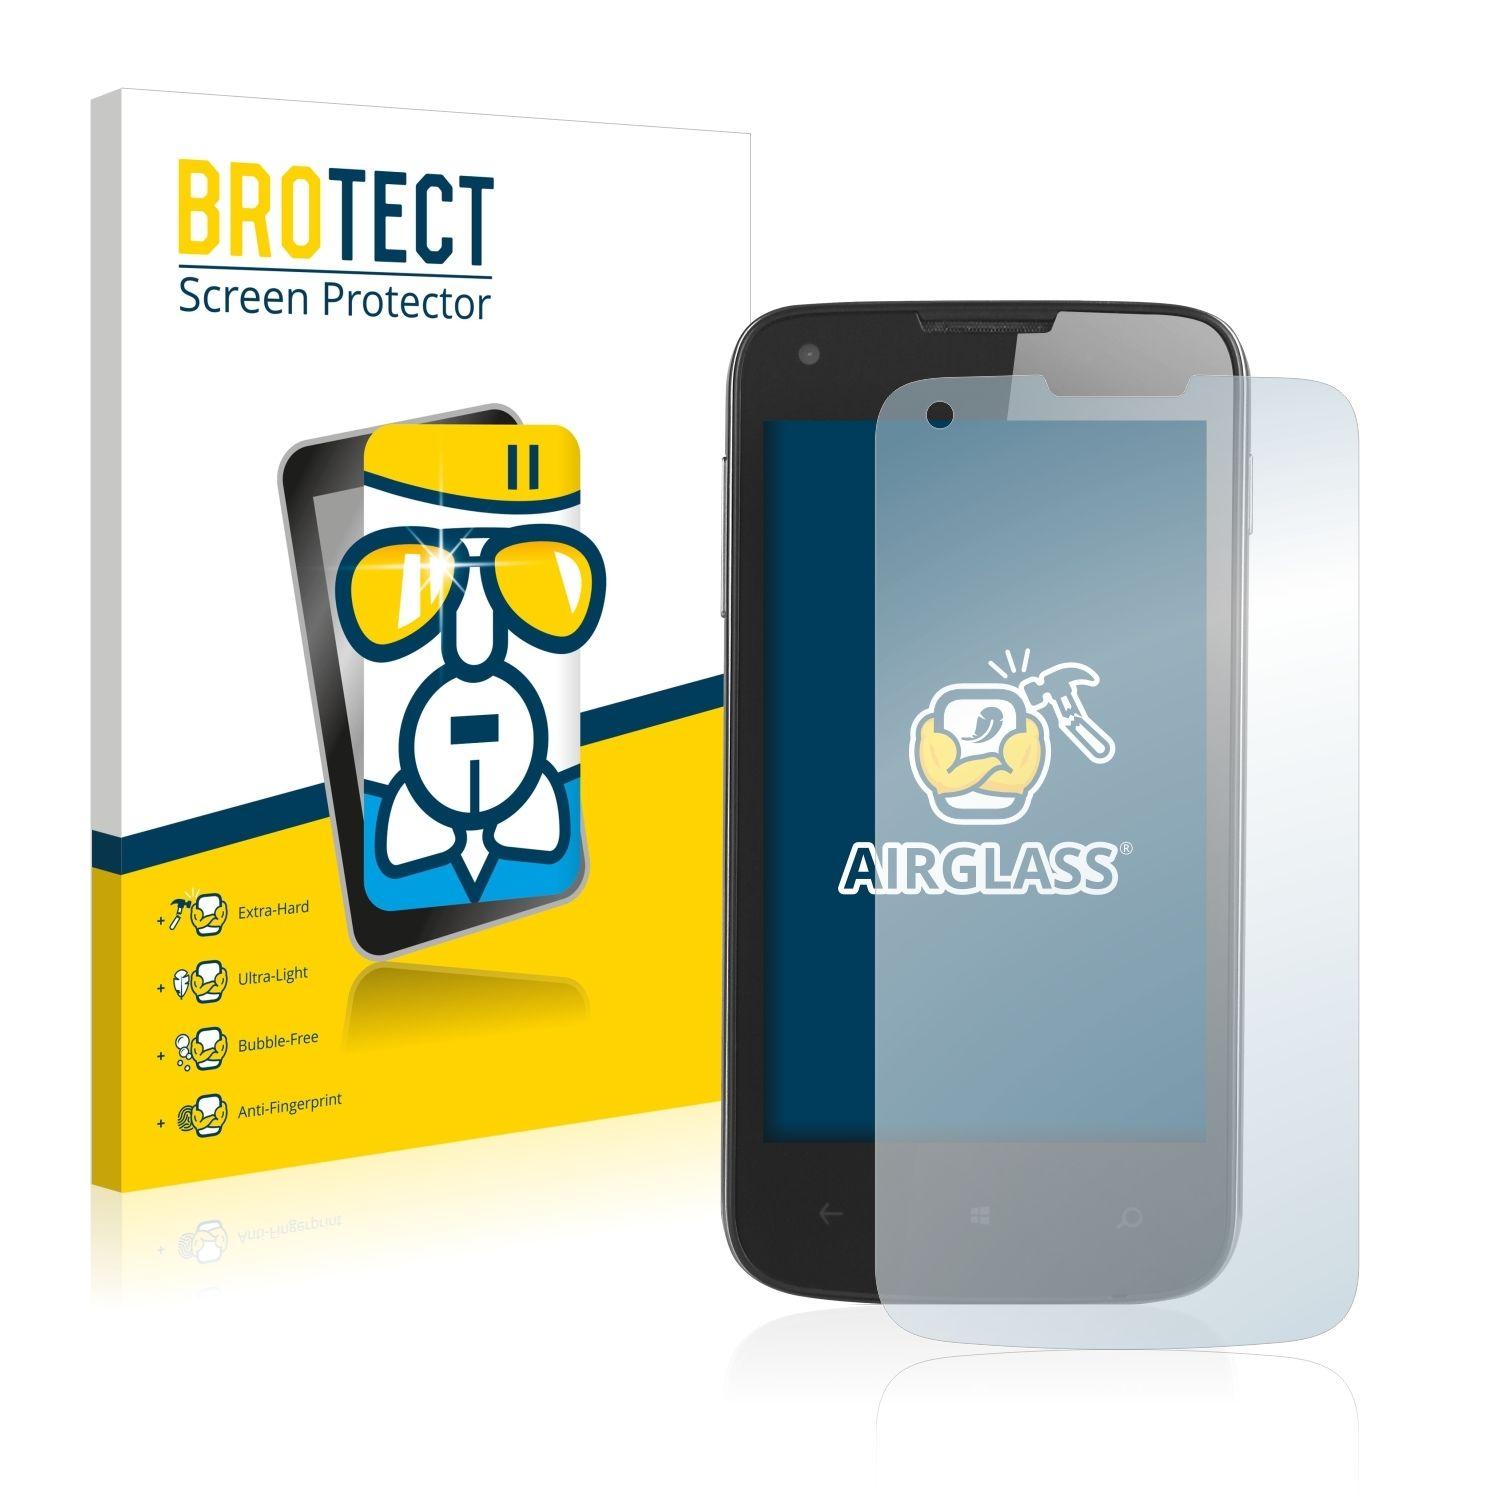 Extra tvrzená ochranná fólie (tvrzené sklo) AirGlass Brotec na LCD pro Prestigio MultiPhone 8400 DUO